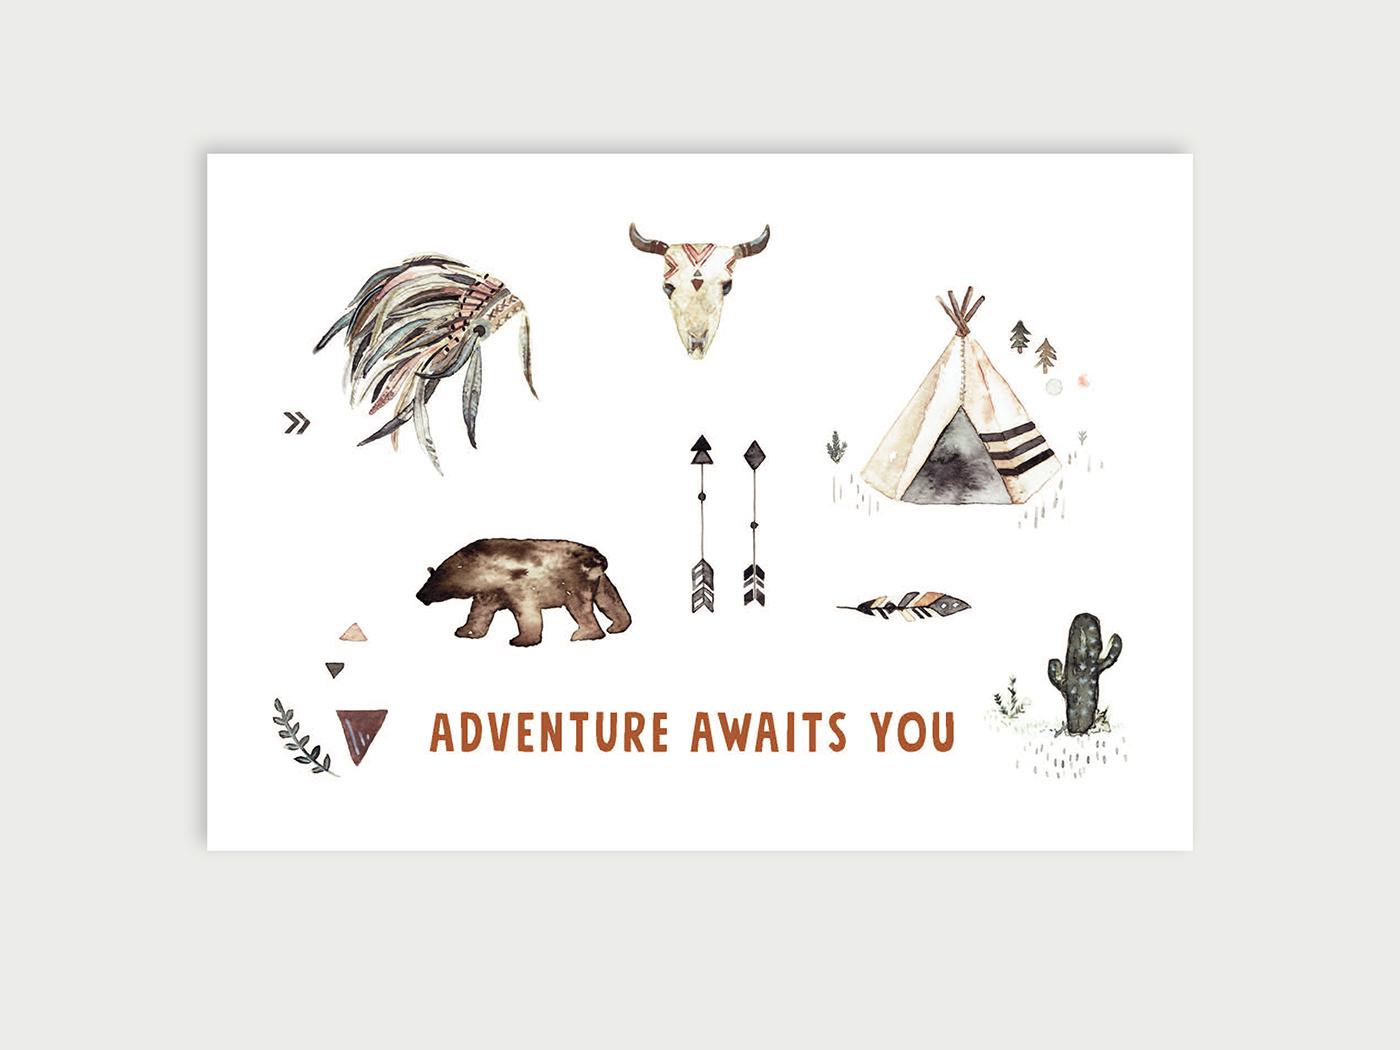 Adventureawaitsyou_Bispinck_vorschau